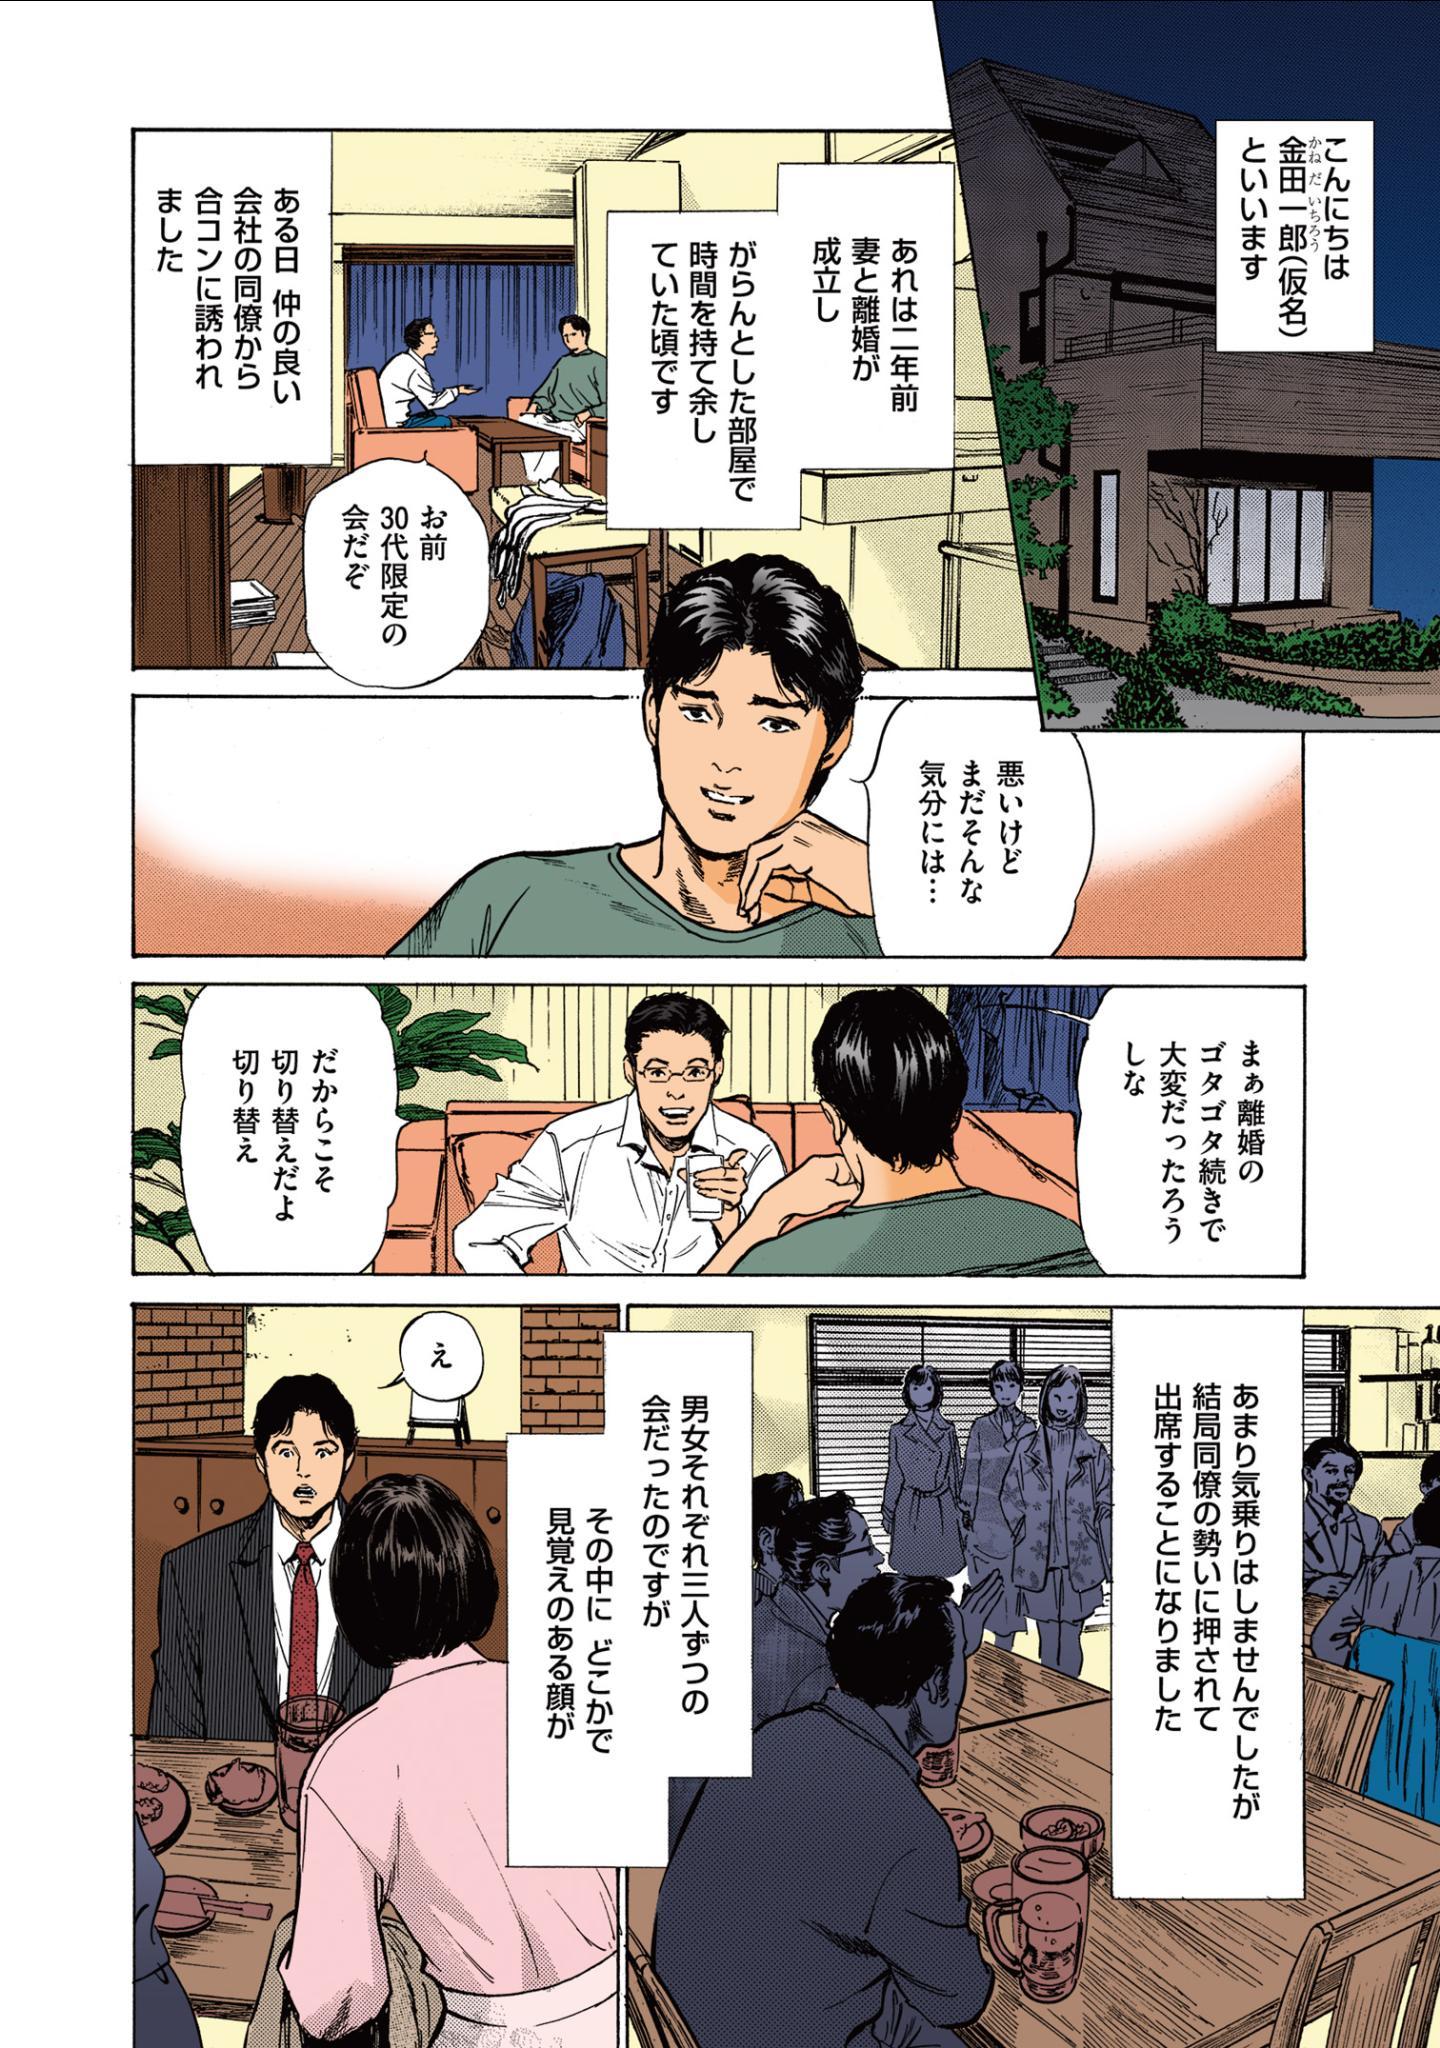 [Hazuki Kaoru] Hazuki Kaoru no Tamaranai Hanashi (Full Color Version) 1-2 85